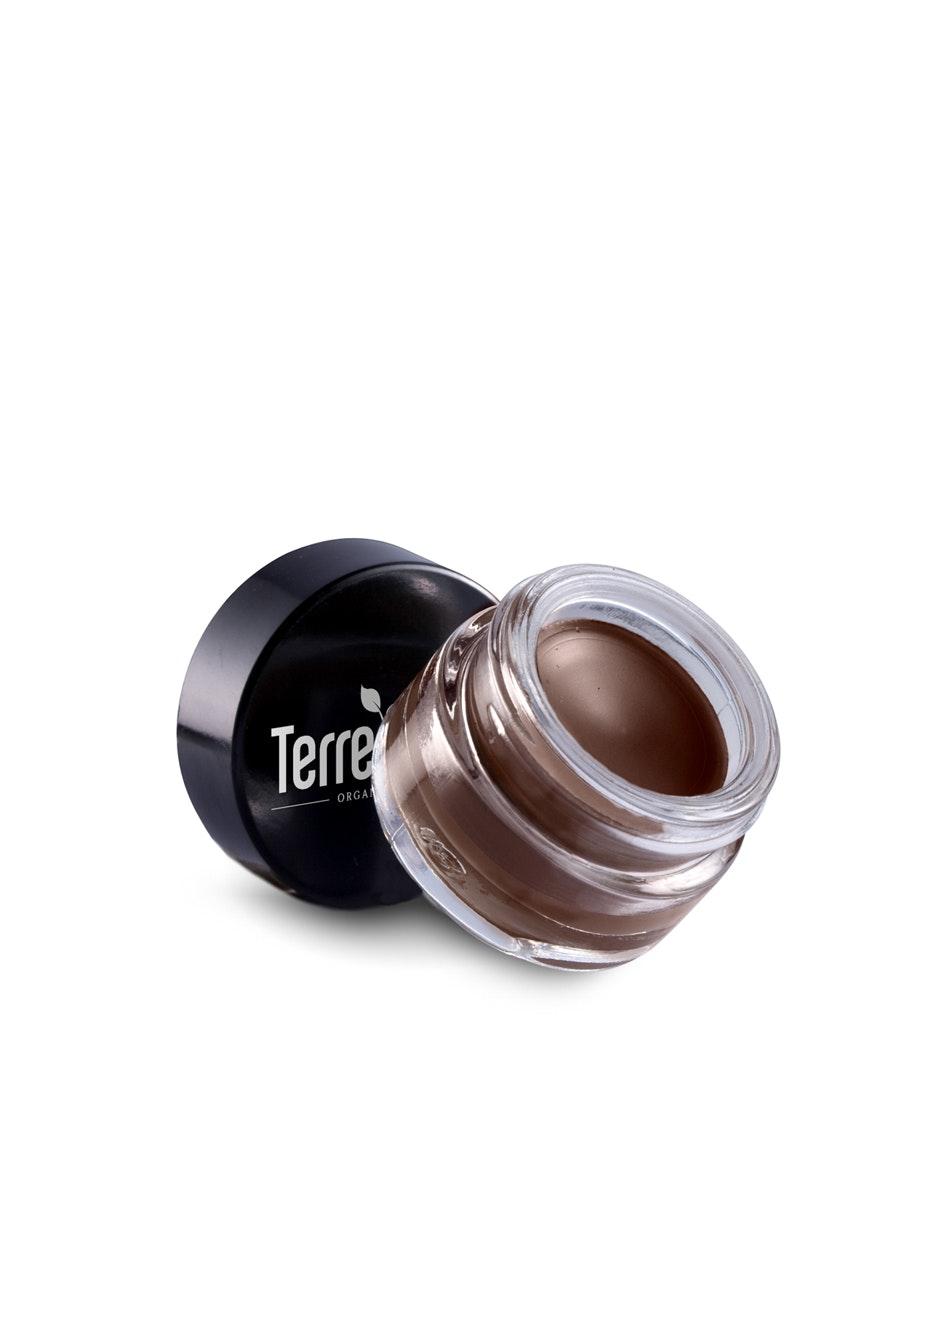 Terre Mere - Gel Eyeliner - Treasure Island